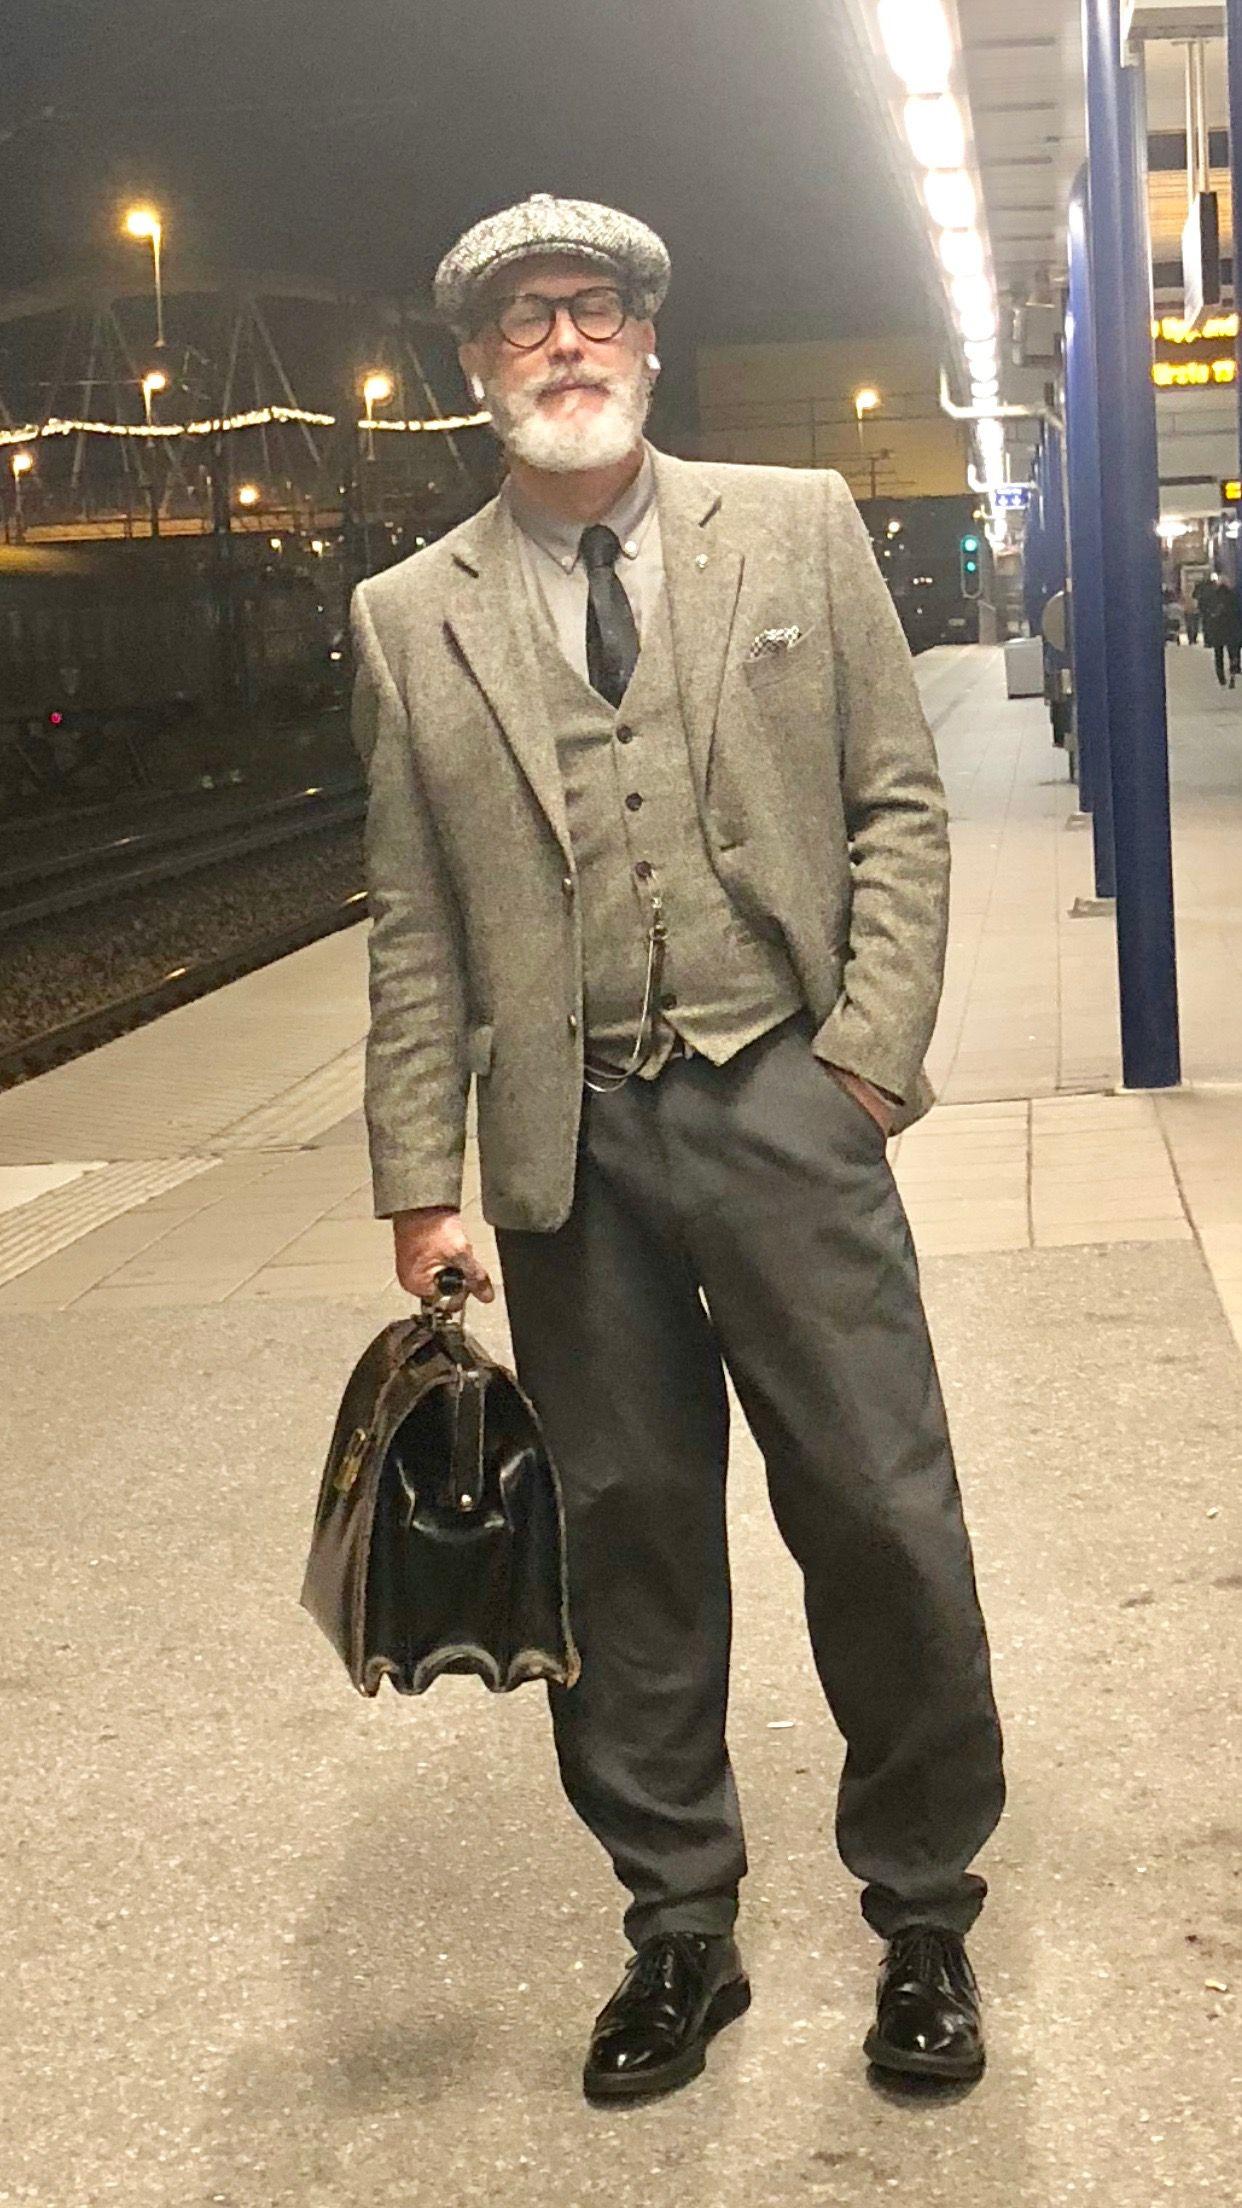 Keeping my look   Herren klamotten, Vintage mode herren, Männer mode